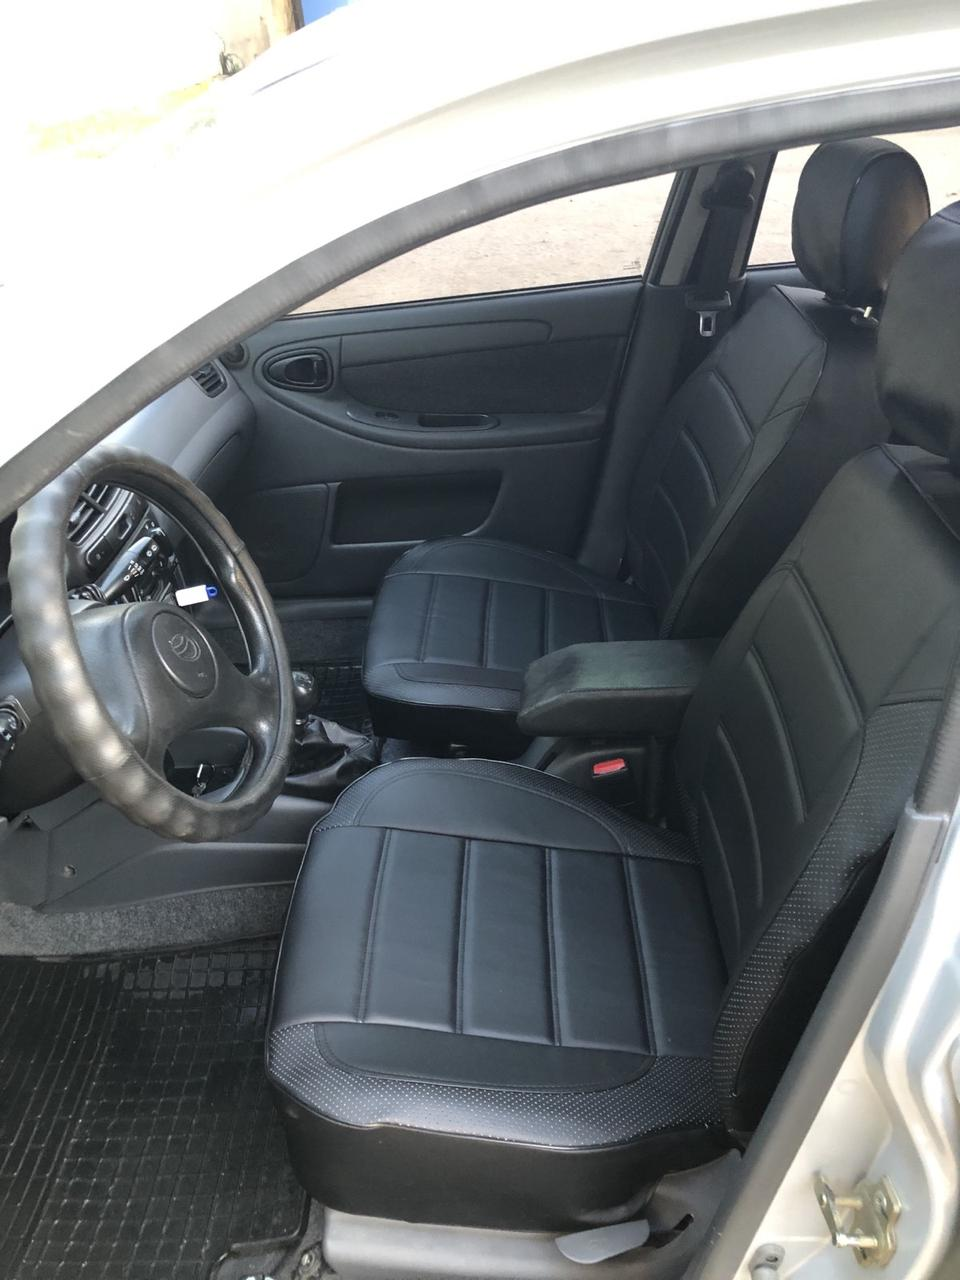 Чохли на сидіння ВАЗ Лада 2110 (VAZ Lada 2110) модельні MAX-L з екошкіри Чорний Чорно-білий